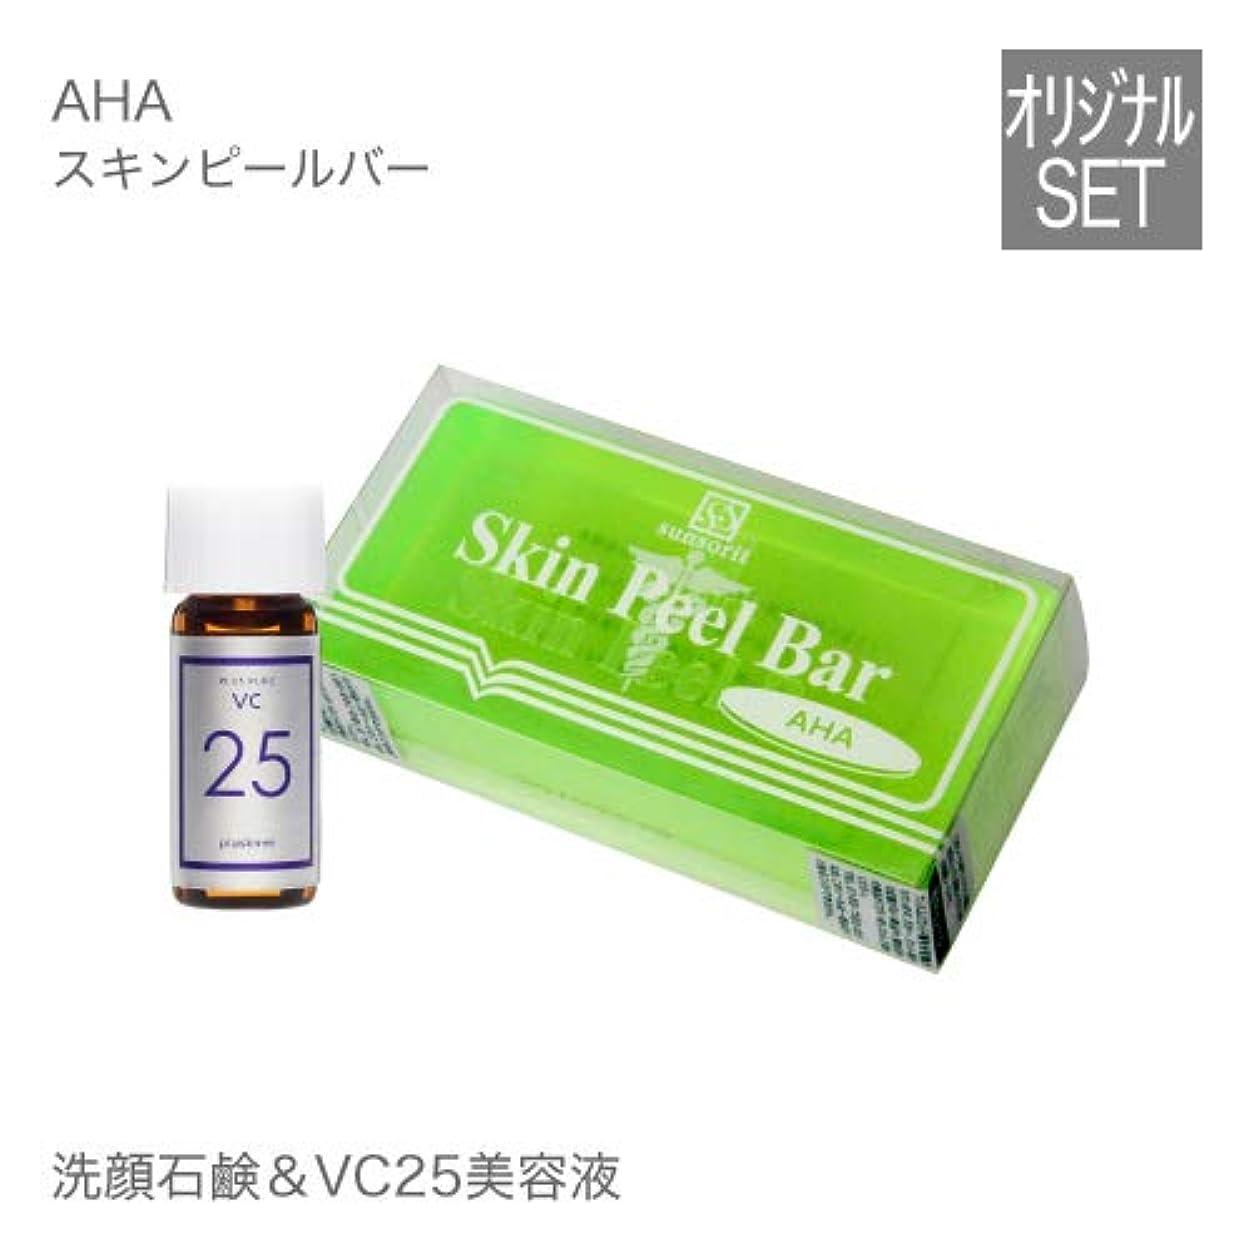 実際に助けて唯一サンソリット スキンピールバー AHA + ピュア ビタミンC 美容液 プラスキレイ プラスピュアVC25 ミニ